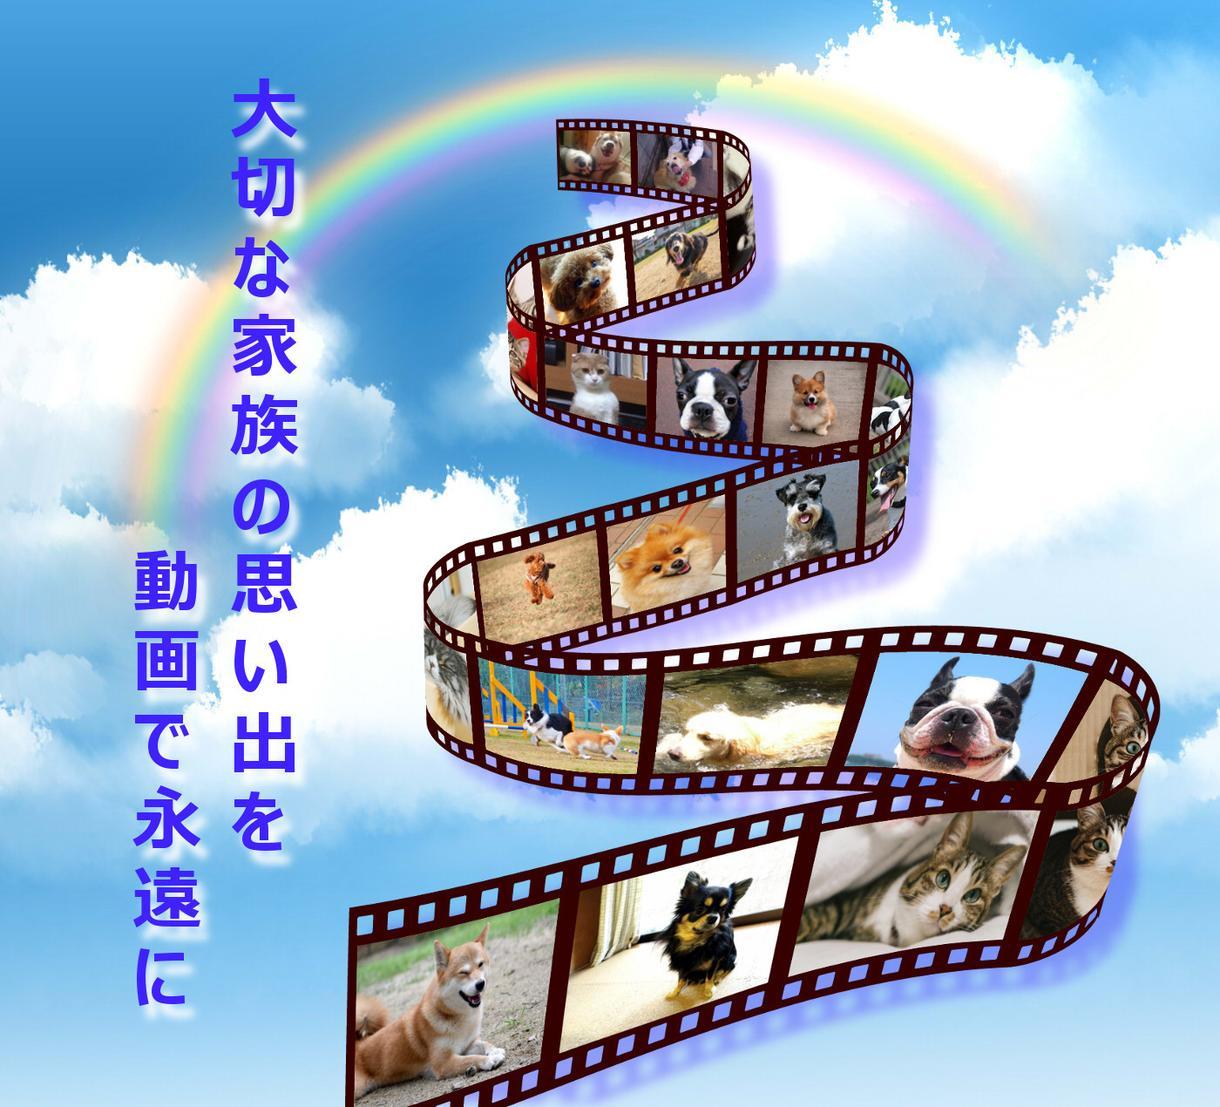 ペット写真を動画にいたします ペットと別れて寂しい方へ、思い出作りのお手伝い